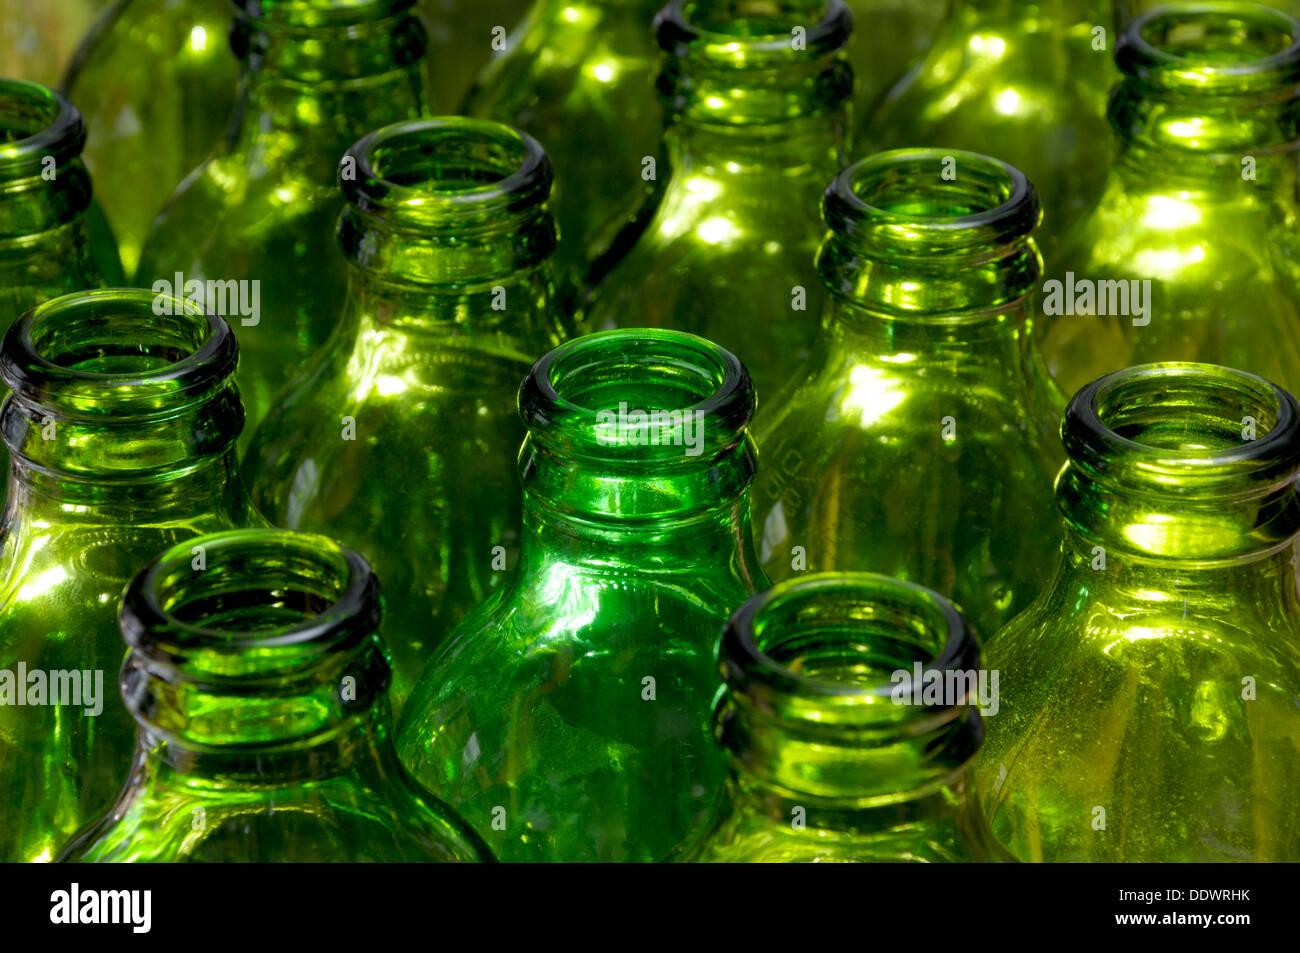 Empty Beer Bottles Stock Photos & Empty Beer Bottles Stock Images